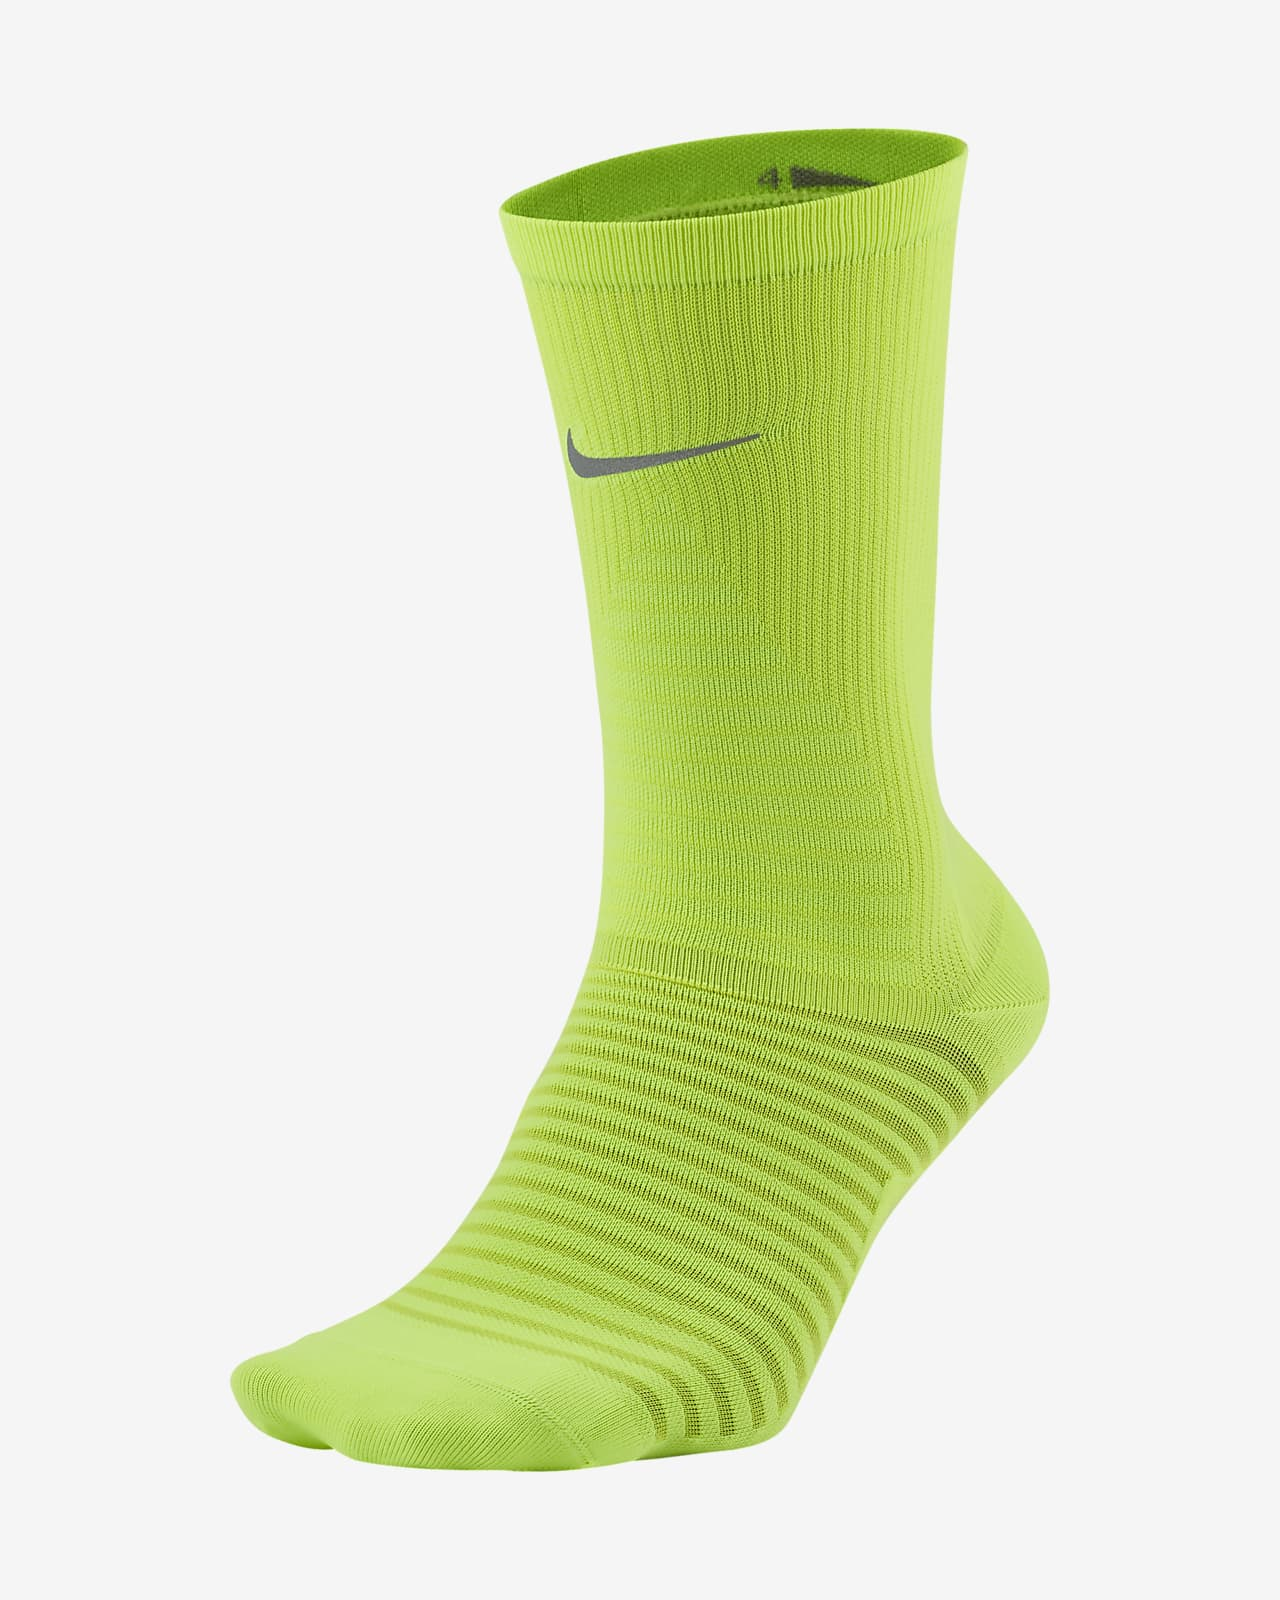 Chaussettes de running Nike Spark Lightweight Crew